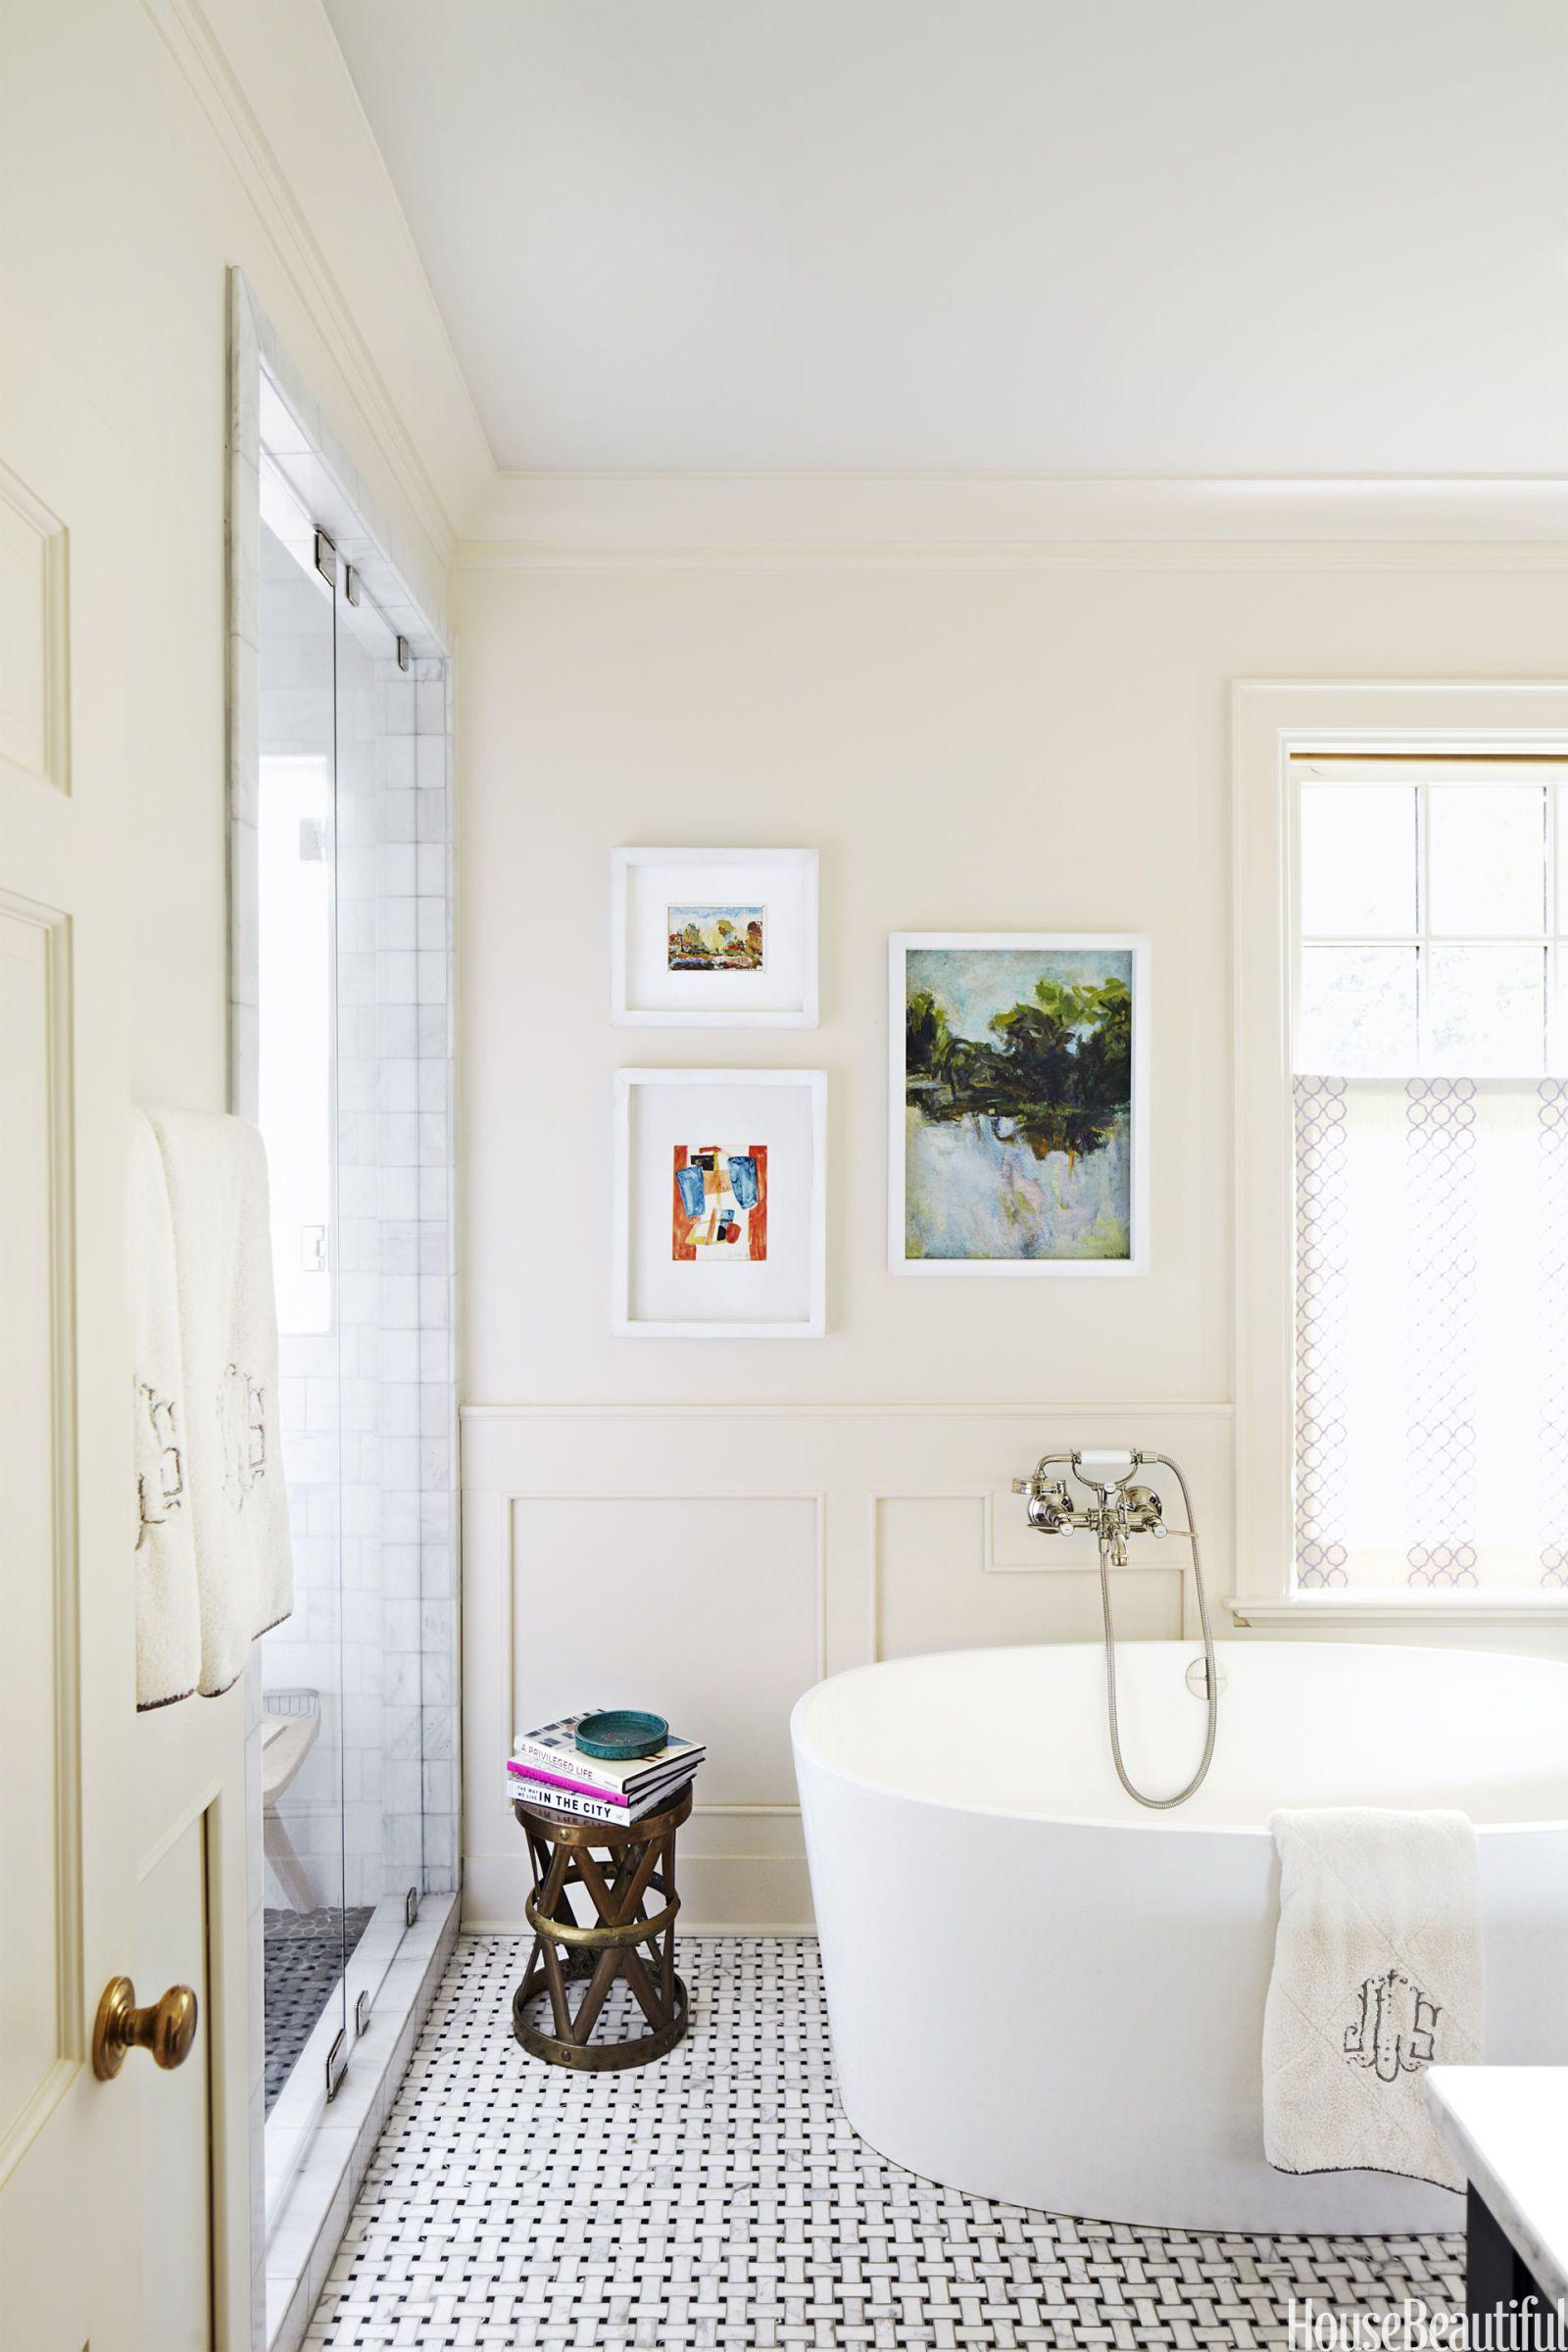 White bathroom interior design  unique bathroom ideas to steal  unusual bathrooms bathroom